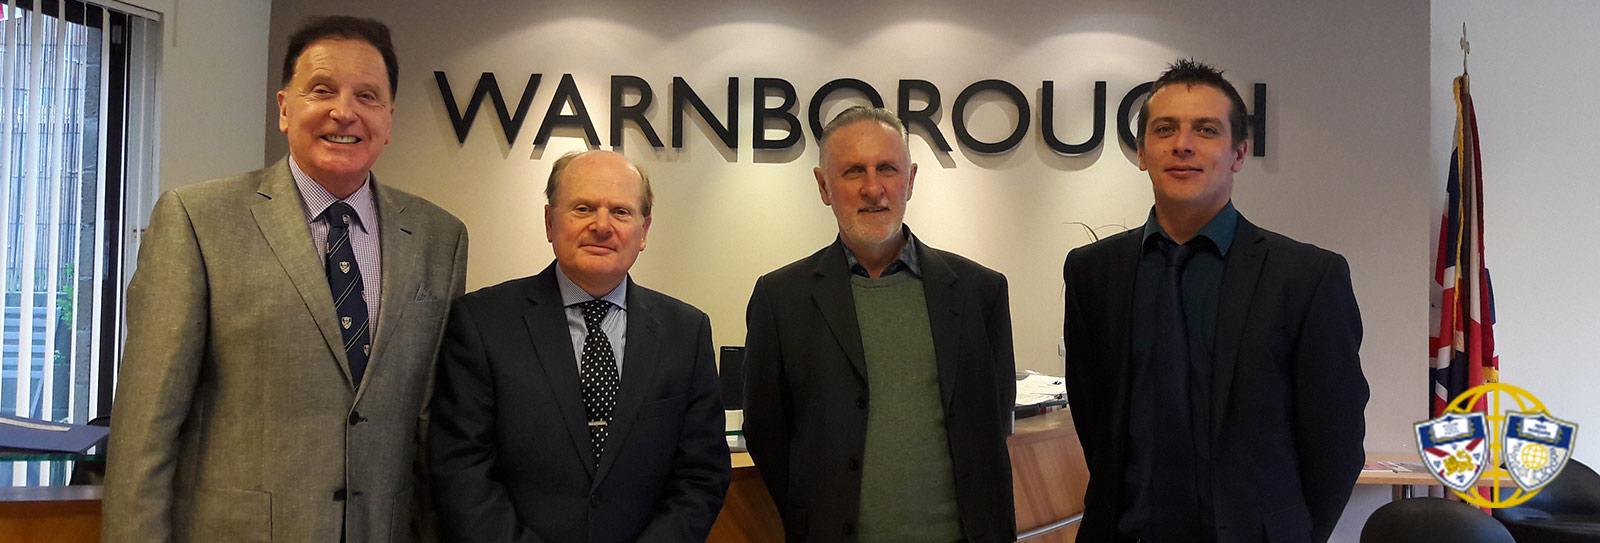 ACS Principal, John Mason, visits Warnborough HQ